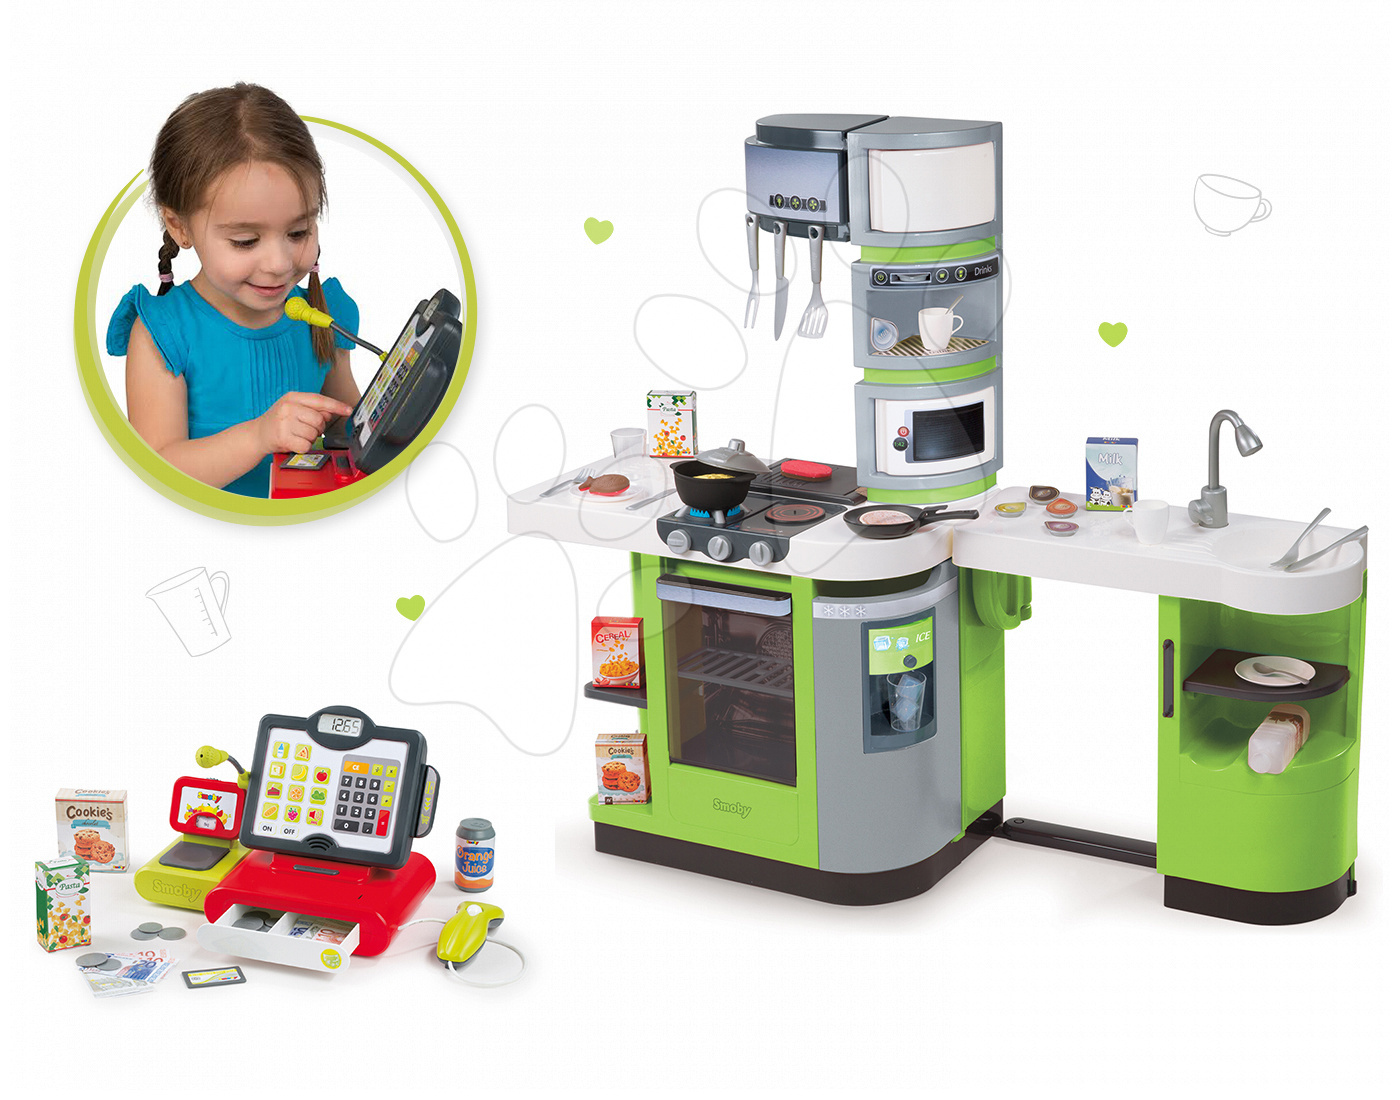 Kuchynky pre deti sety - Set kuchynka CookMaster Verte Smoby s ľadom a zvukmi a dotyková elektronická pokladňa s funkciami